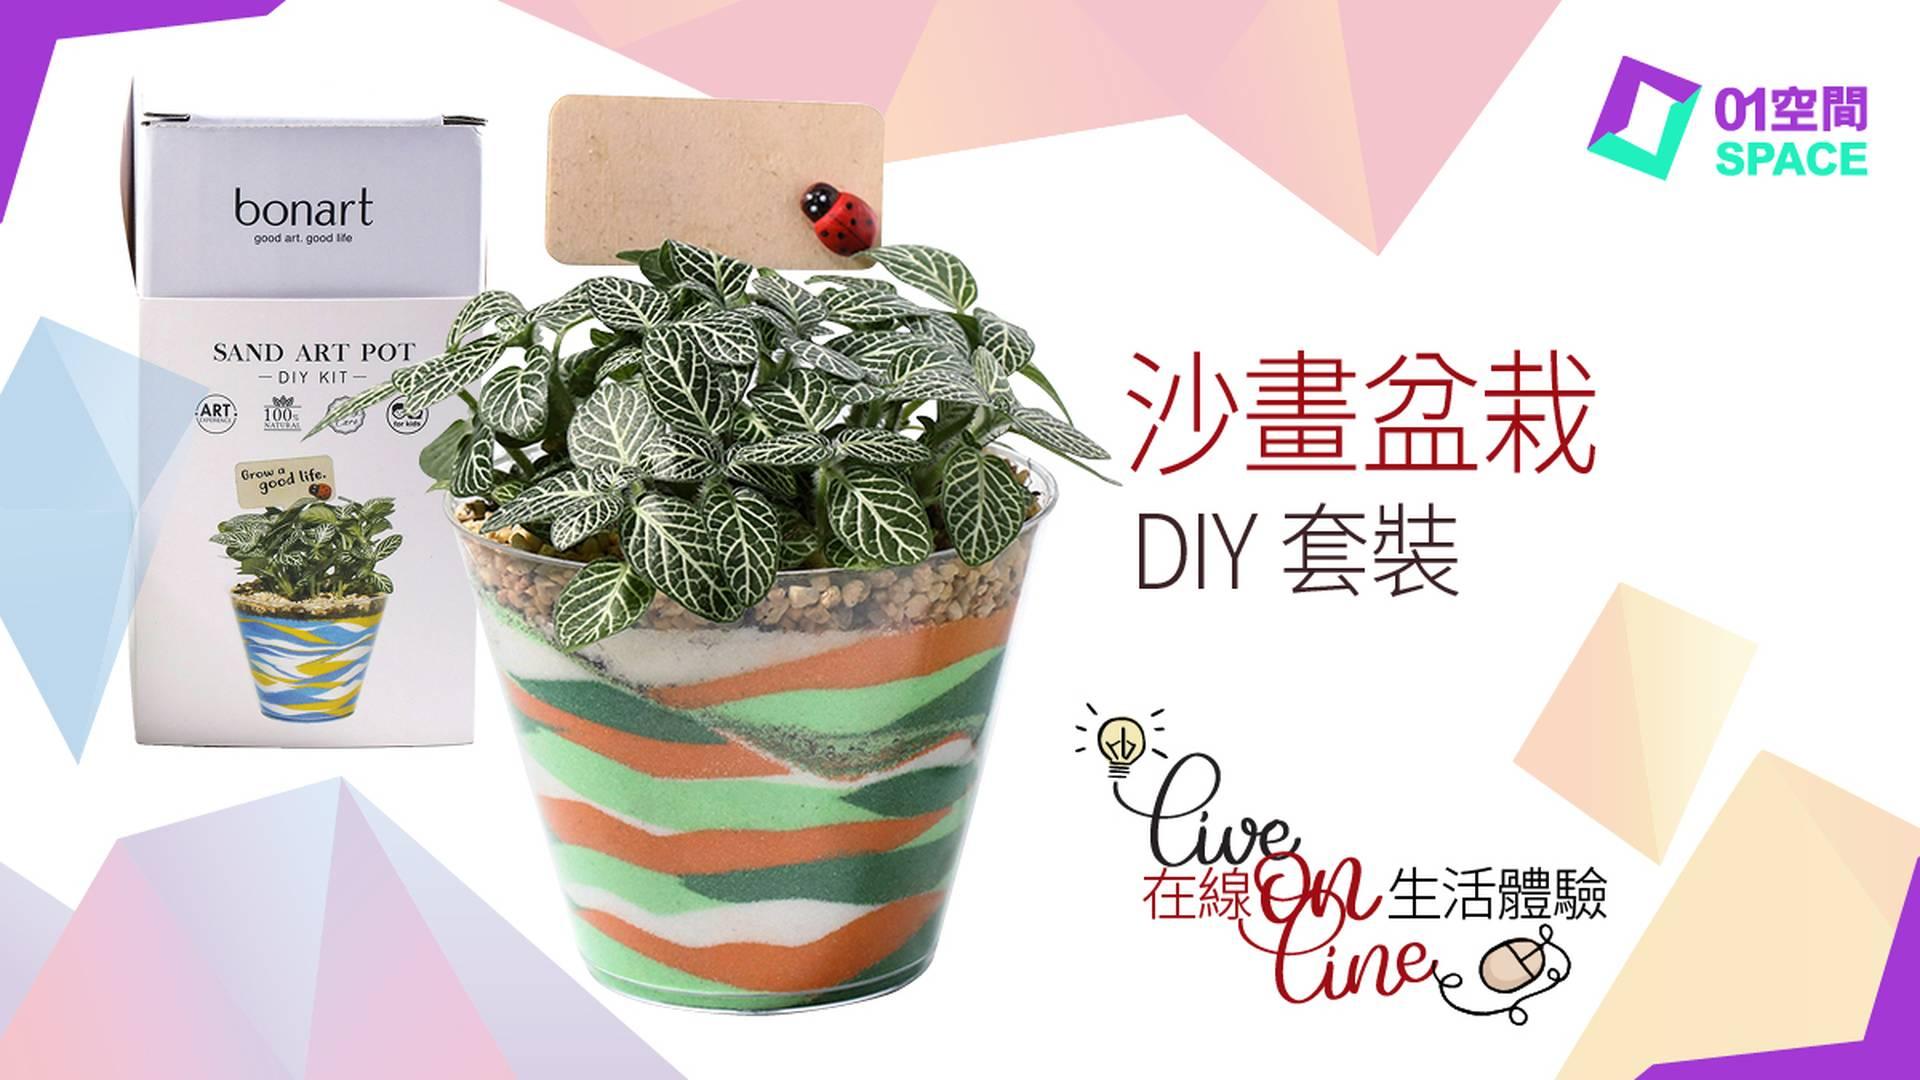 沙畫盆栽DIY KIT SET